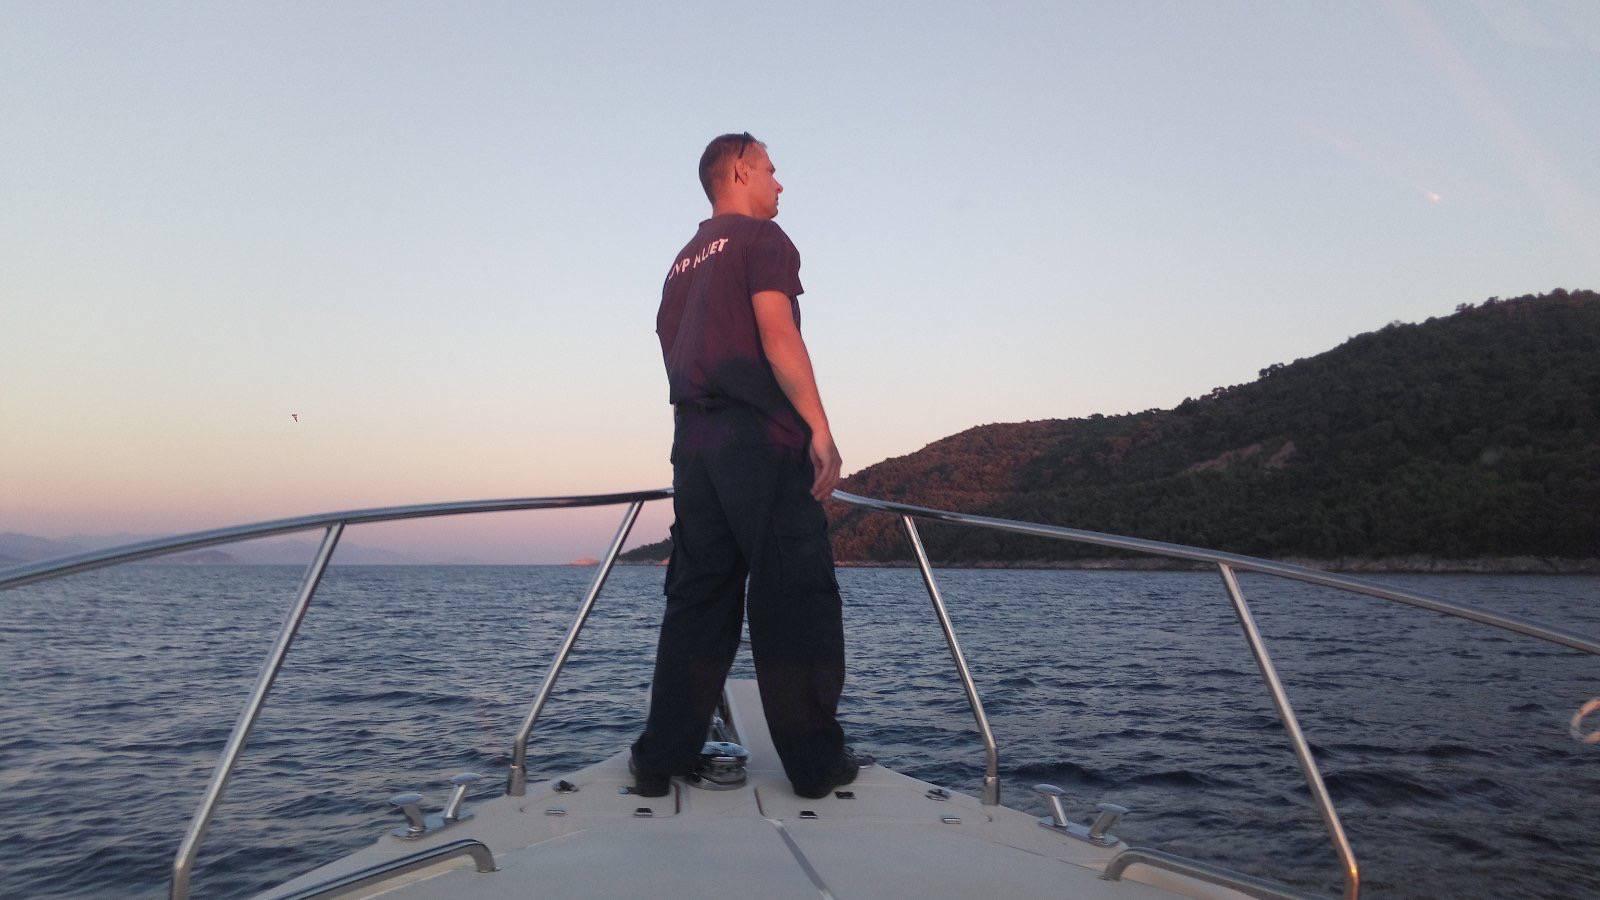 Drama na Mljetu: Potonuo im gliser, uspjeli otplivati do obale